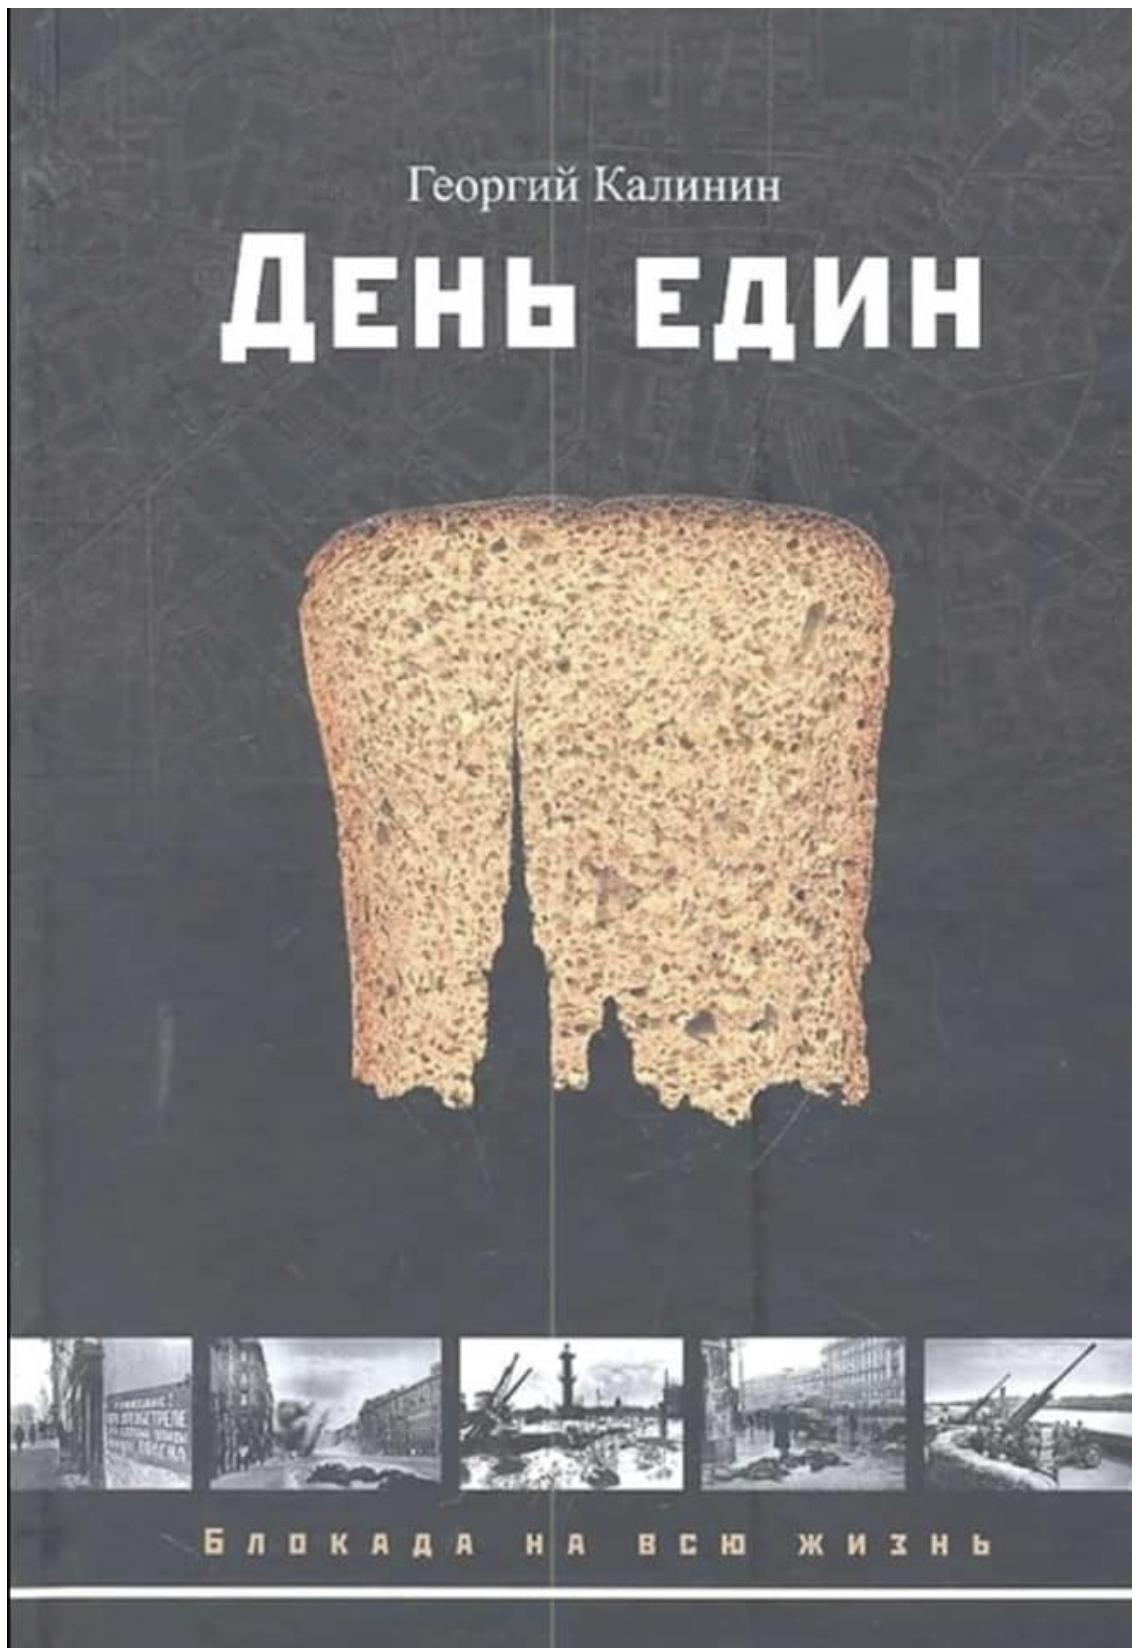 Самая непрочитанная книга о Великой Отечественной войне